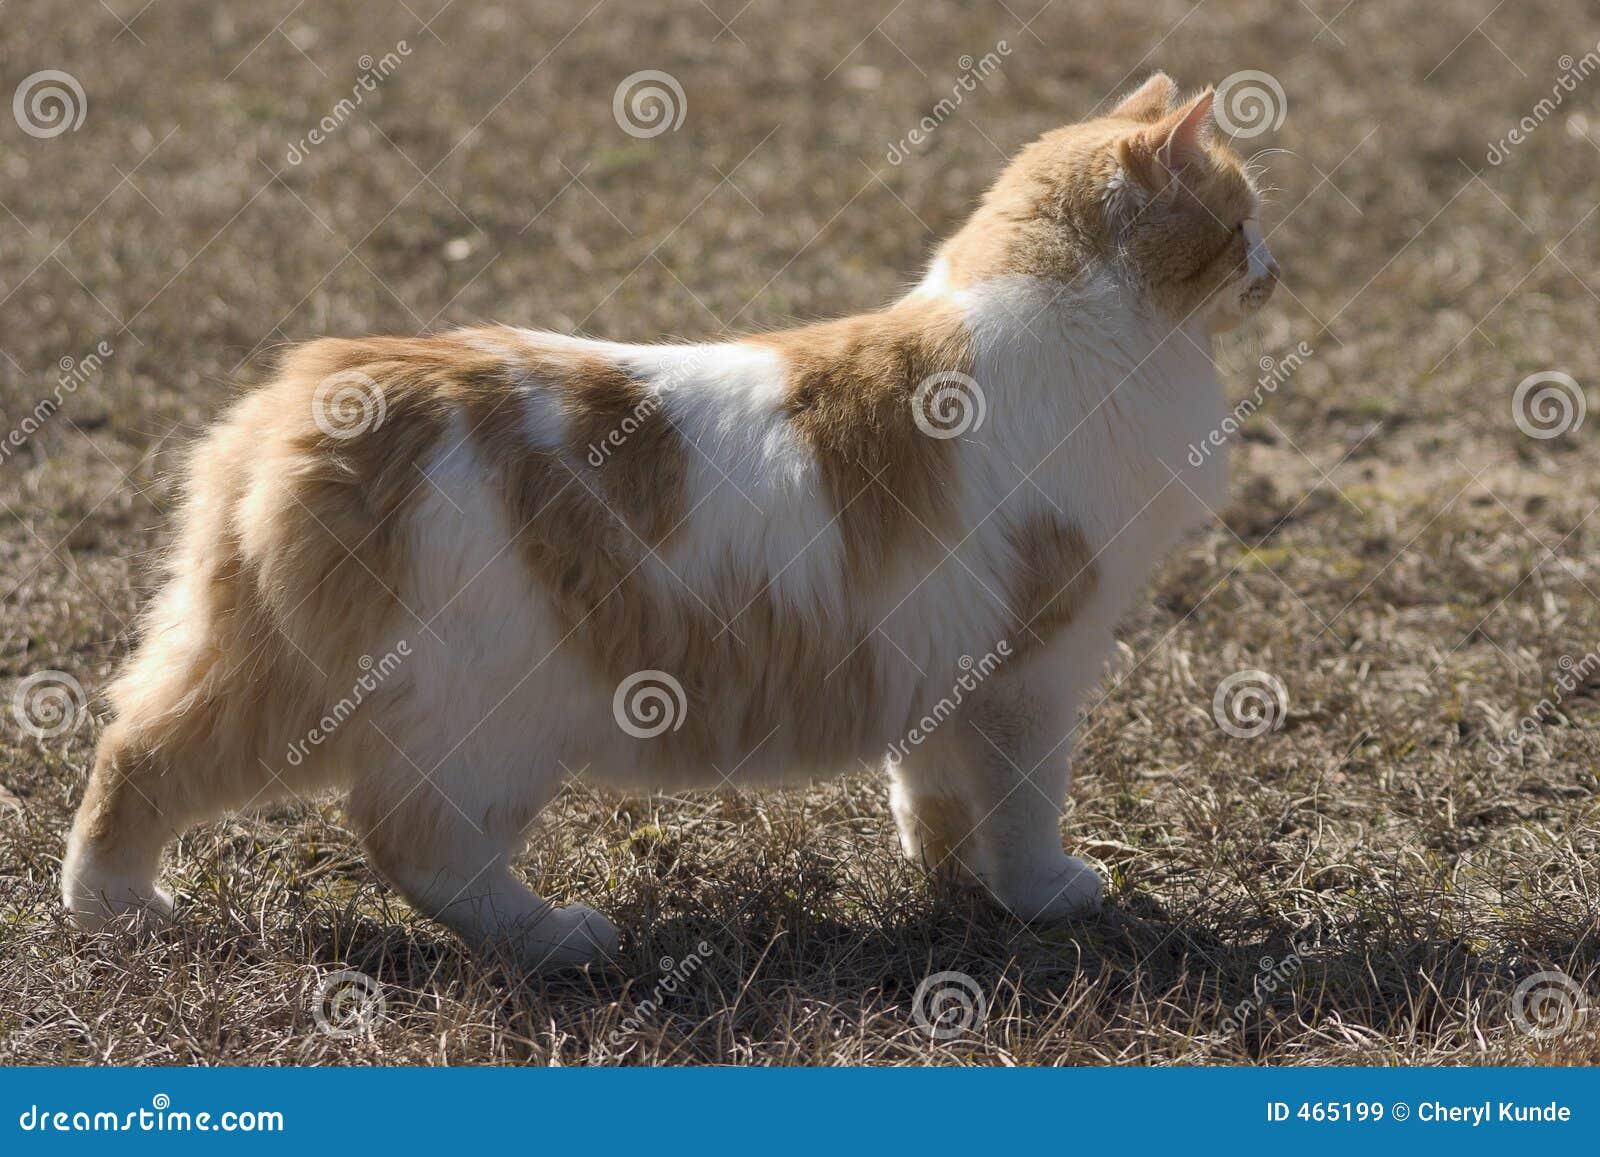 Ras het van het eiland man van de kat royalty vrije stock afbeeldingen afbeelding 465199 - Tafelhuis van het wereld lange eiland ...